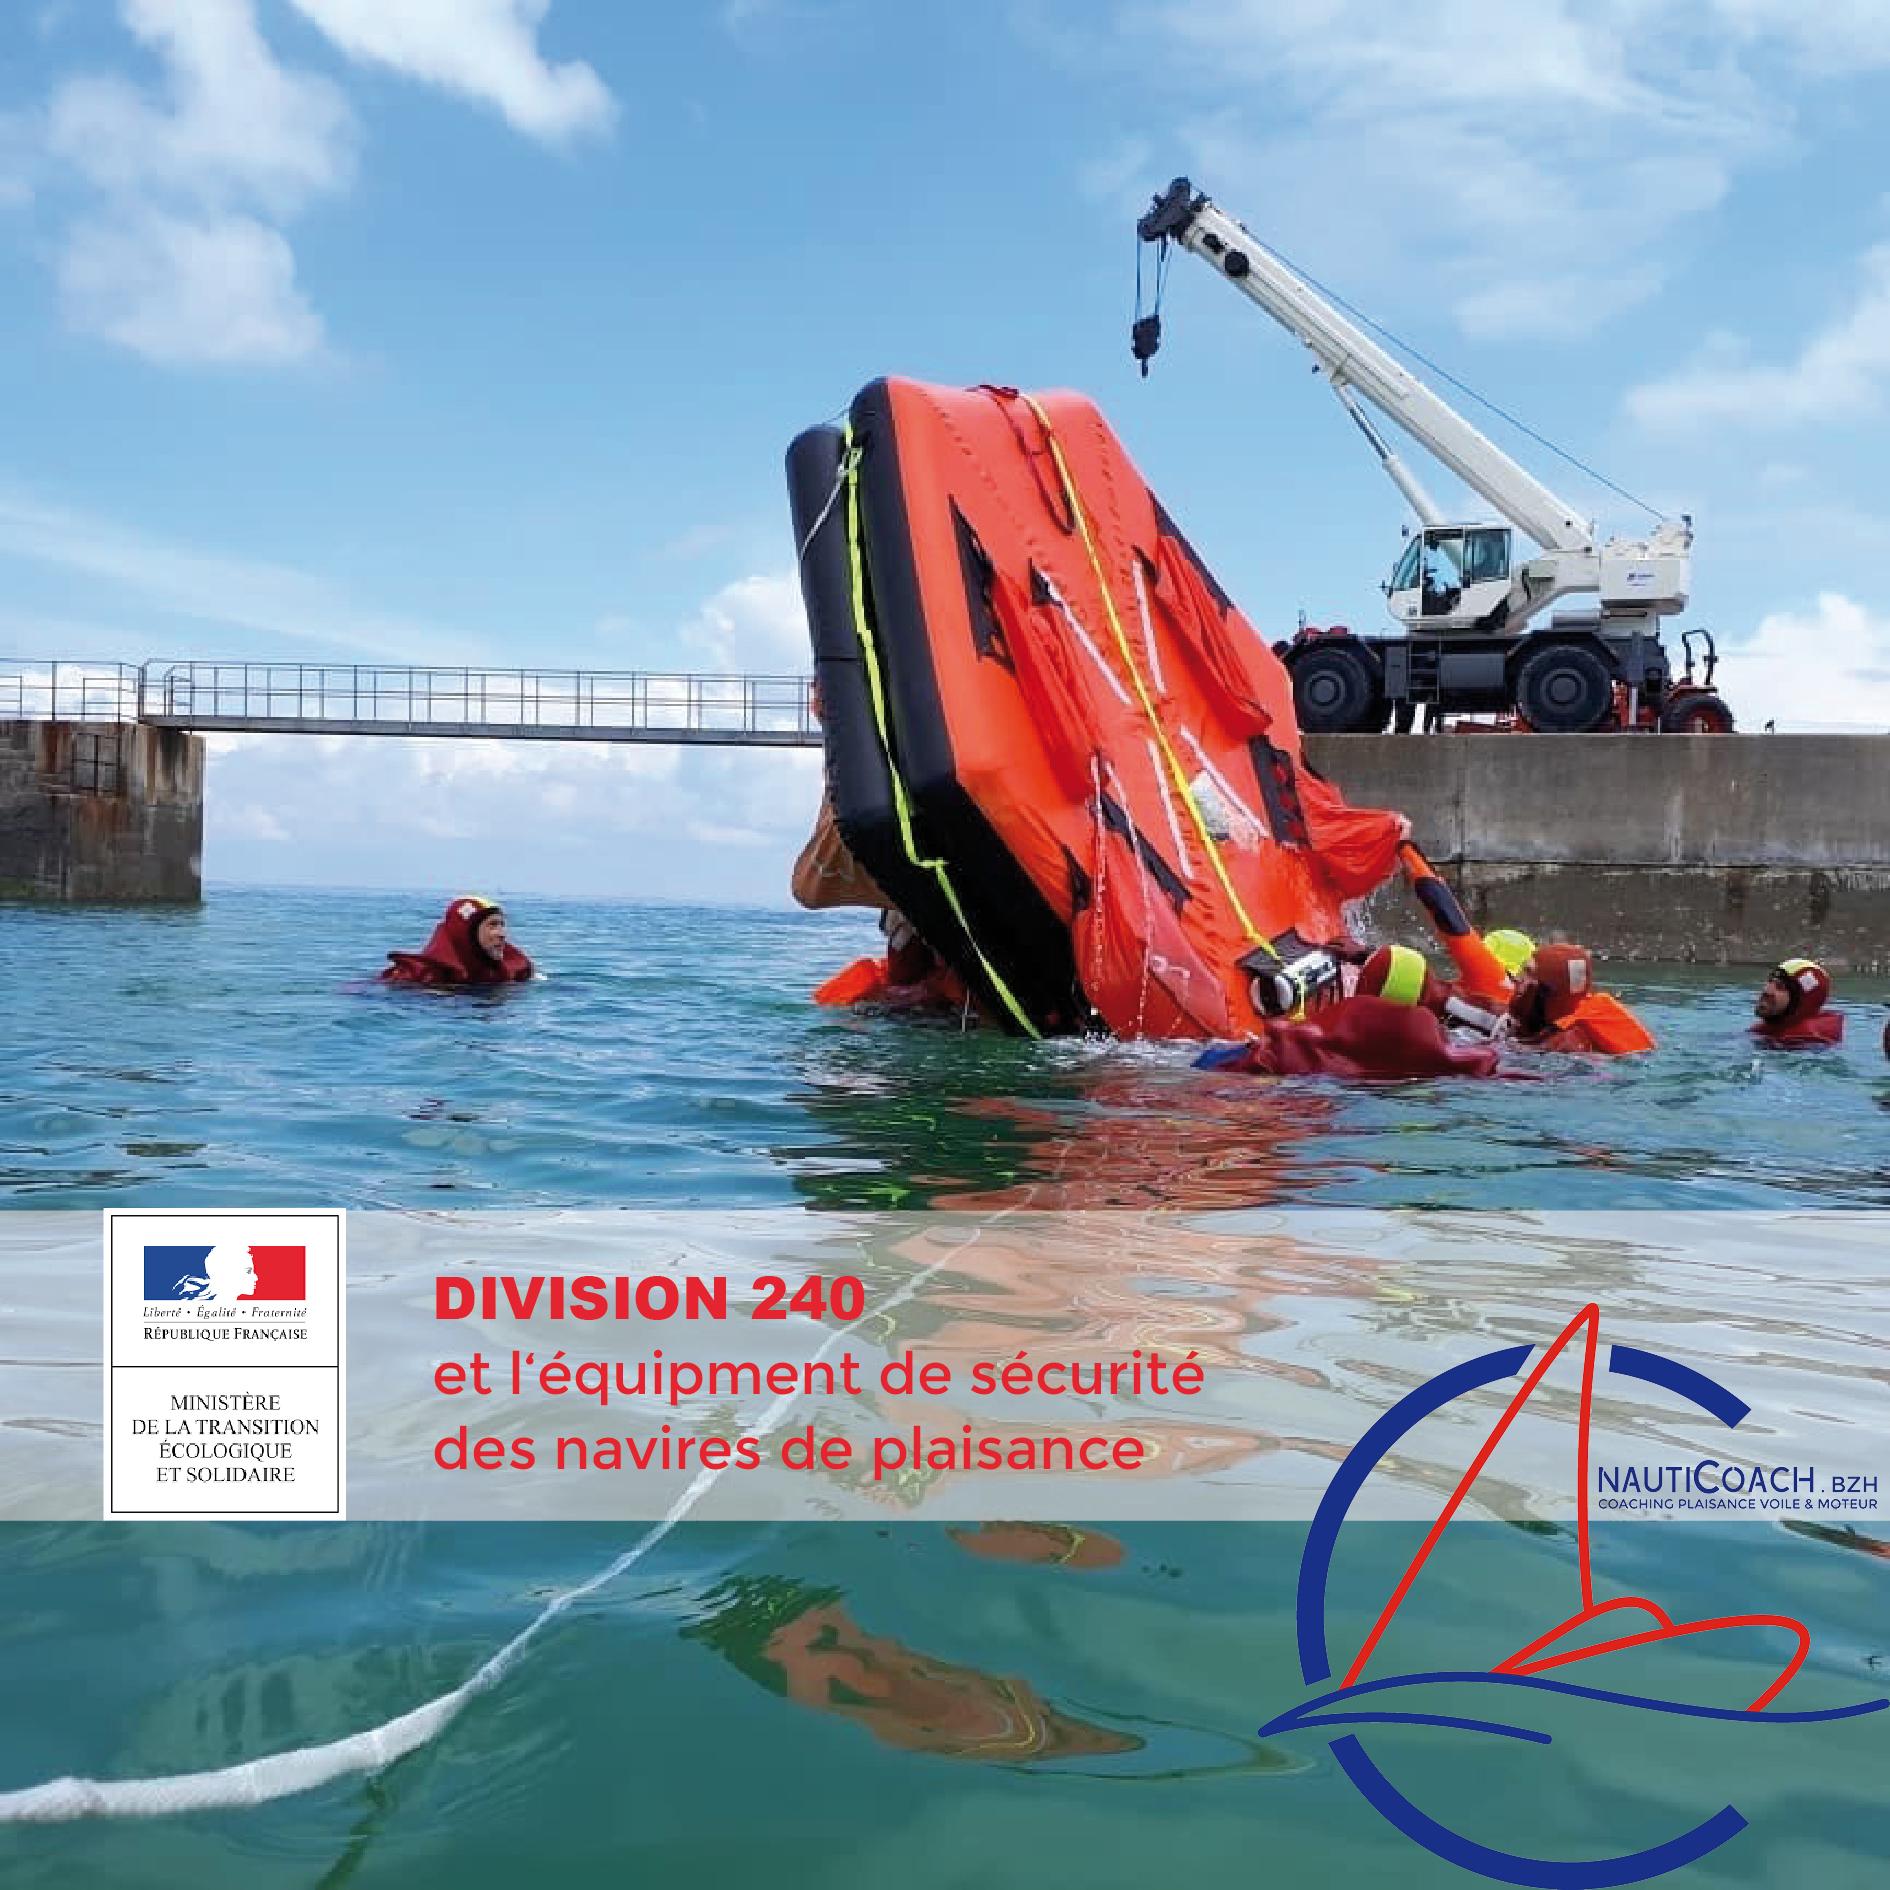 <span class='p-name'>La division 240 et l'équipement de sécurité des navires de plaisance</span>